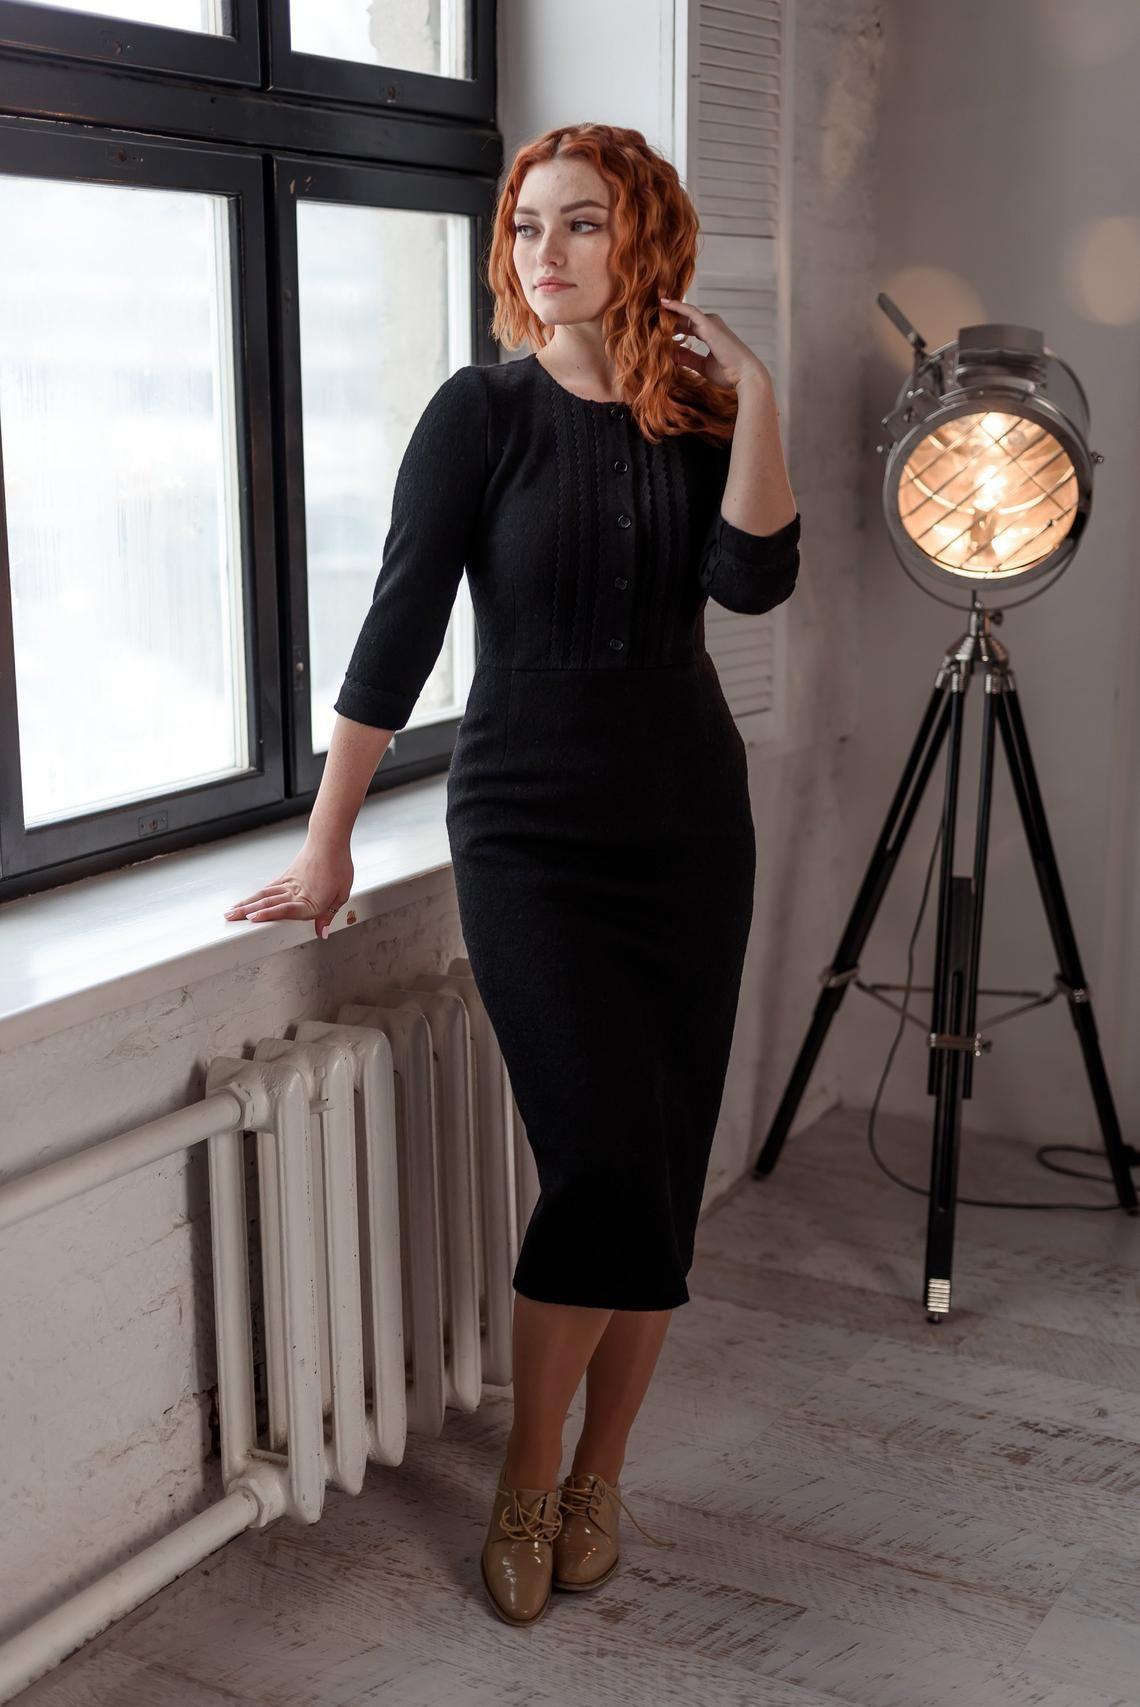 Little Black Dress Office Dress Wool Dress Fitted Dress Etsy In 2021 Black Dress Winter Black Long Sleeve Dress Black Dress Outfits [ 1707 x 1140 Pixel ]